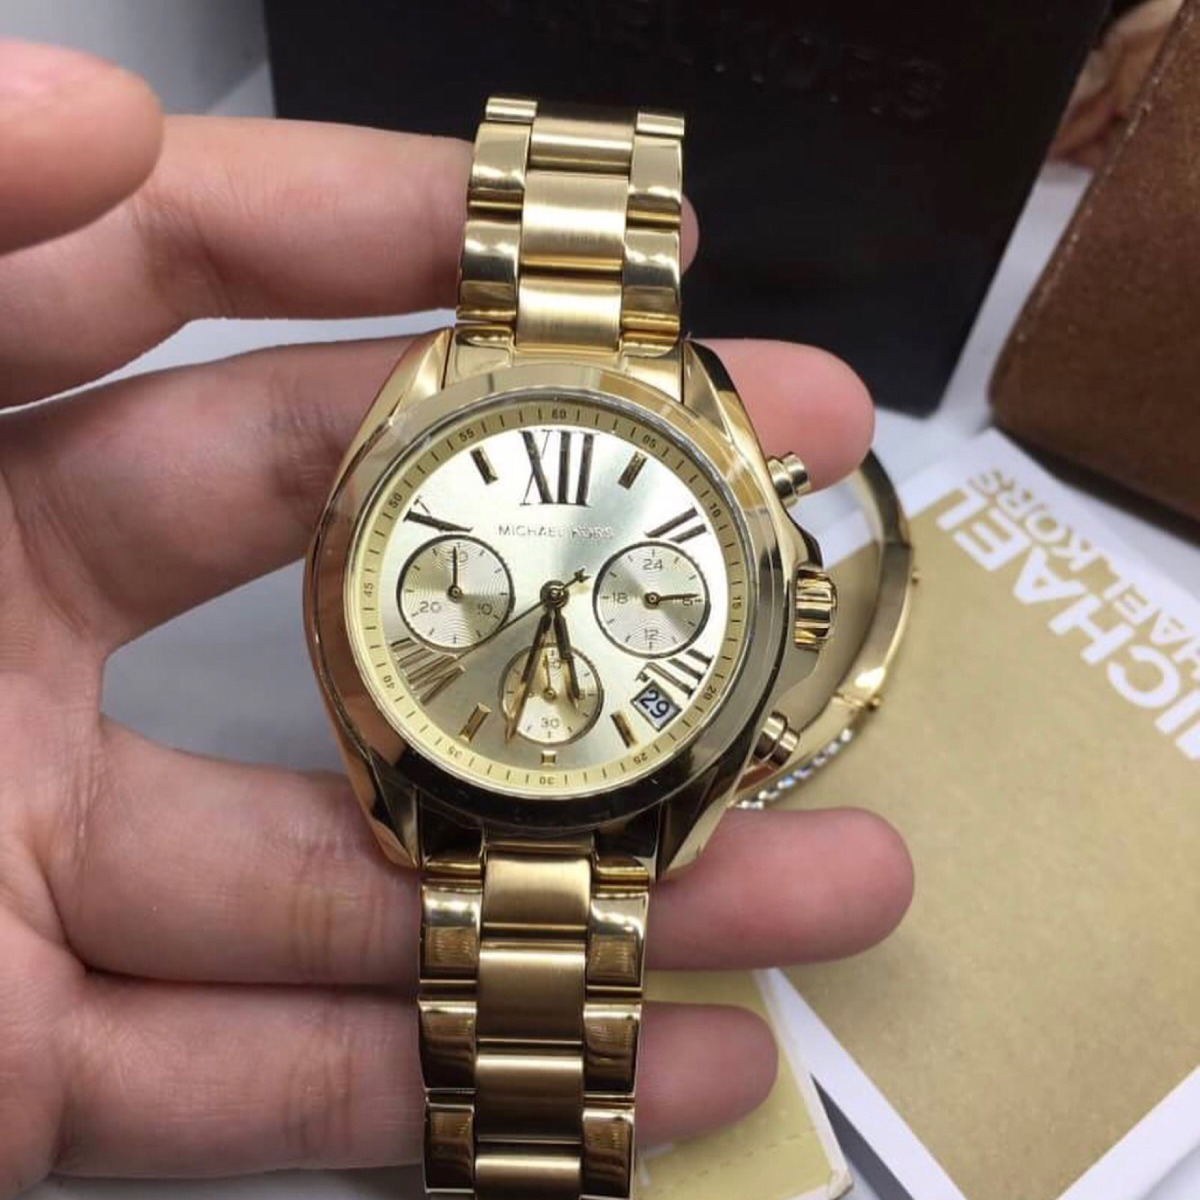 e229727b46666 Relógio Michael Kors Mk5798 - R  449,00 em Mercado Livre